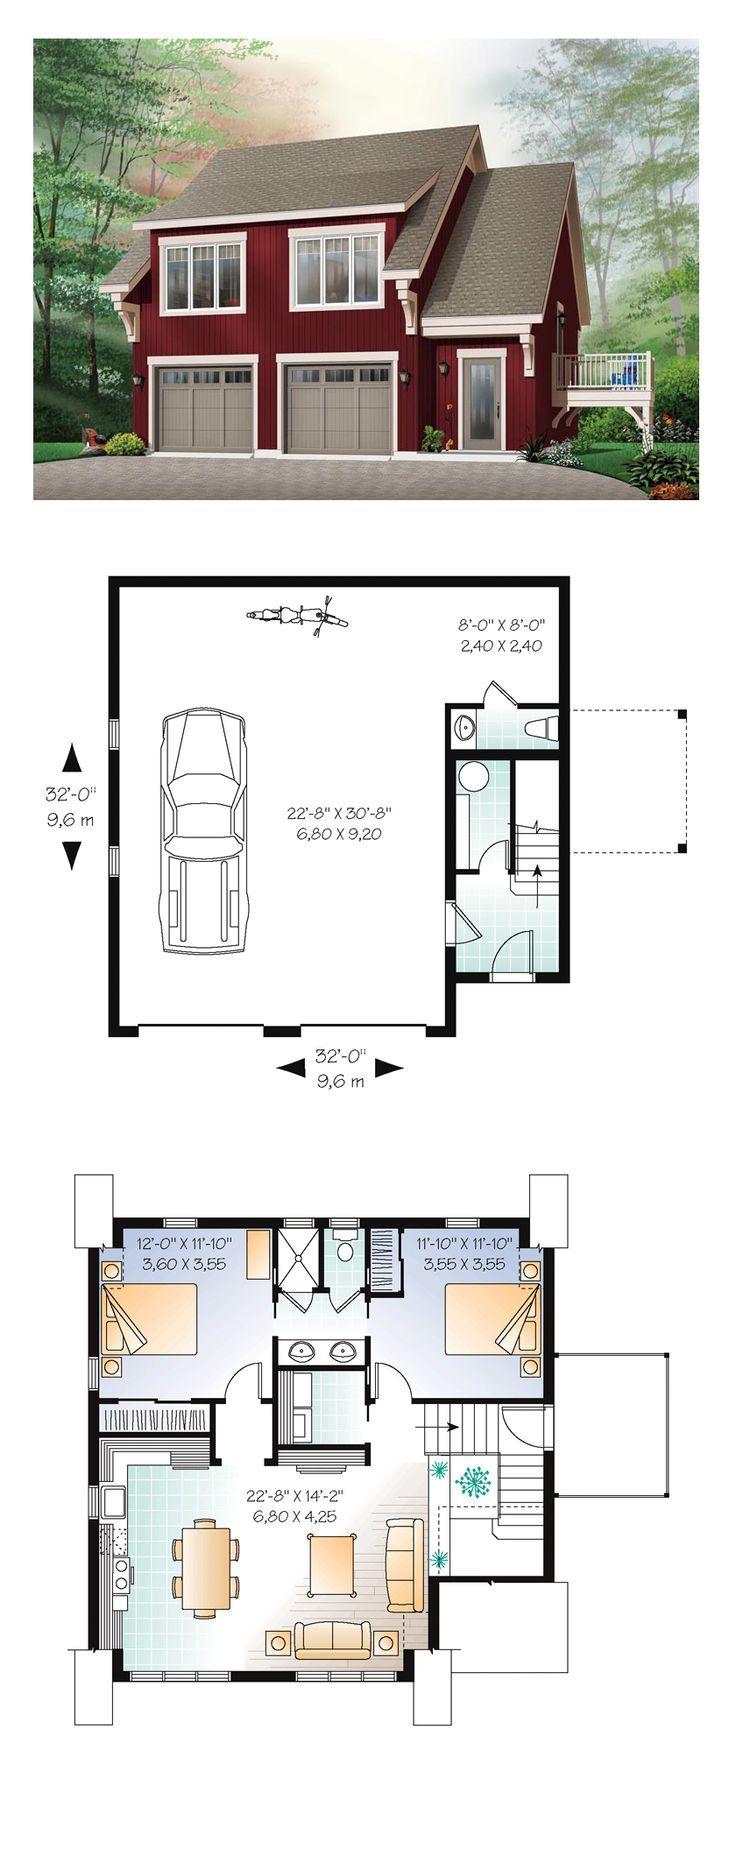 74a54817c5cda1806c730c386dde6245 Jpg 736 1856 House Plans Garage Apartment Plans Apartment Plans